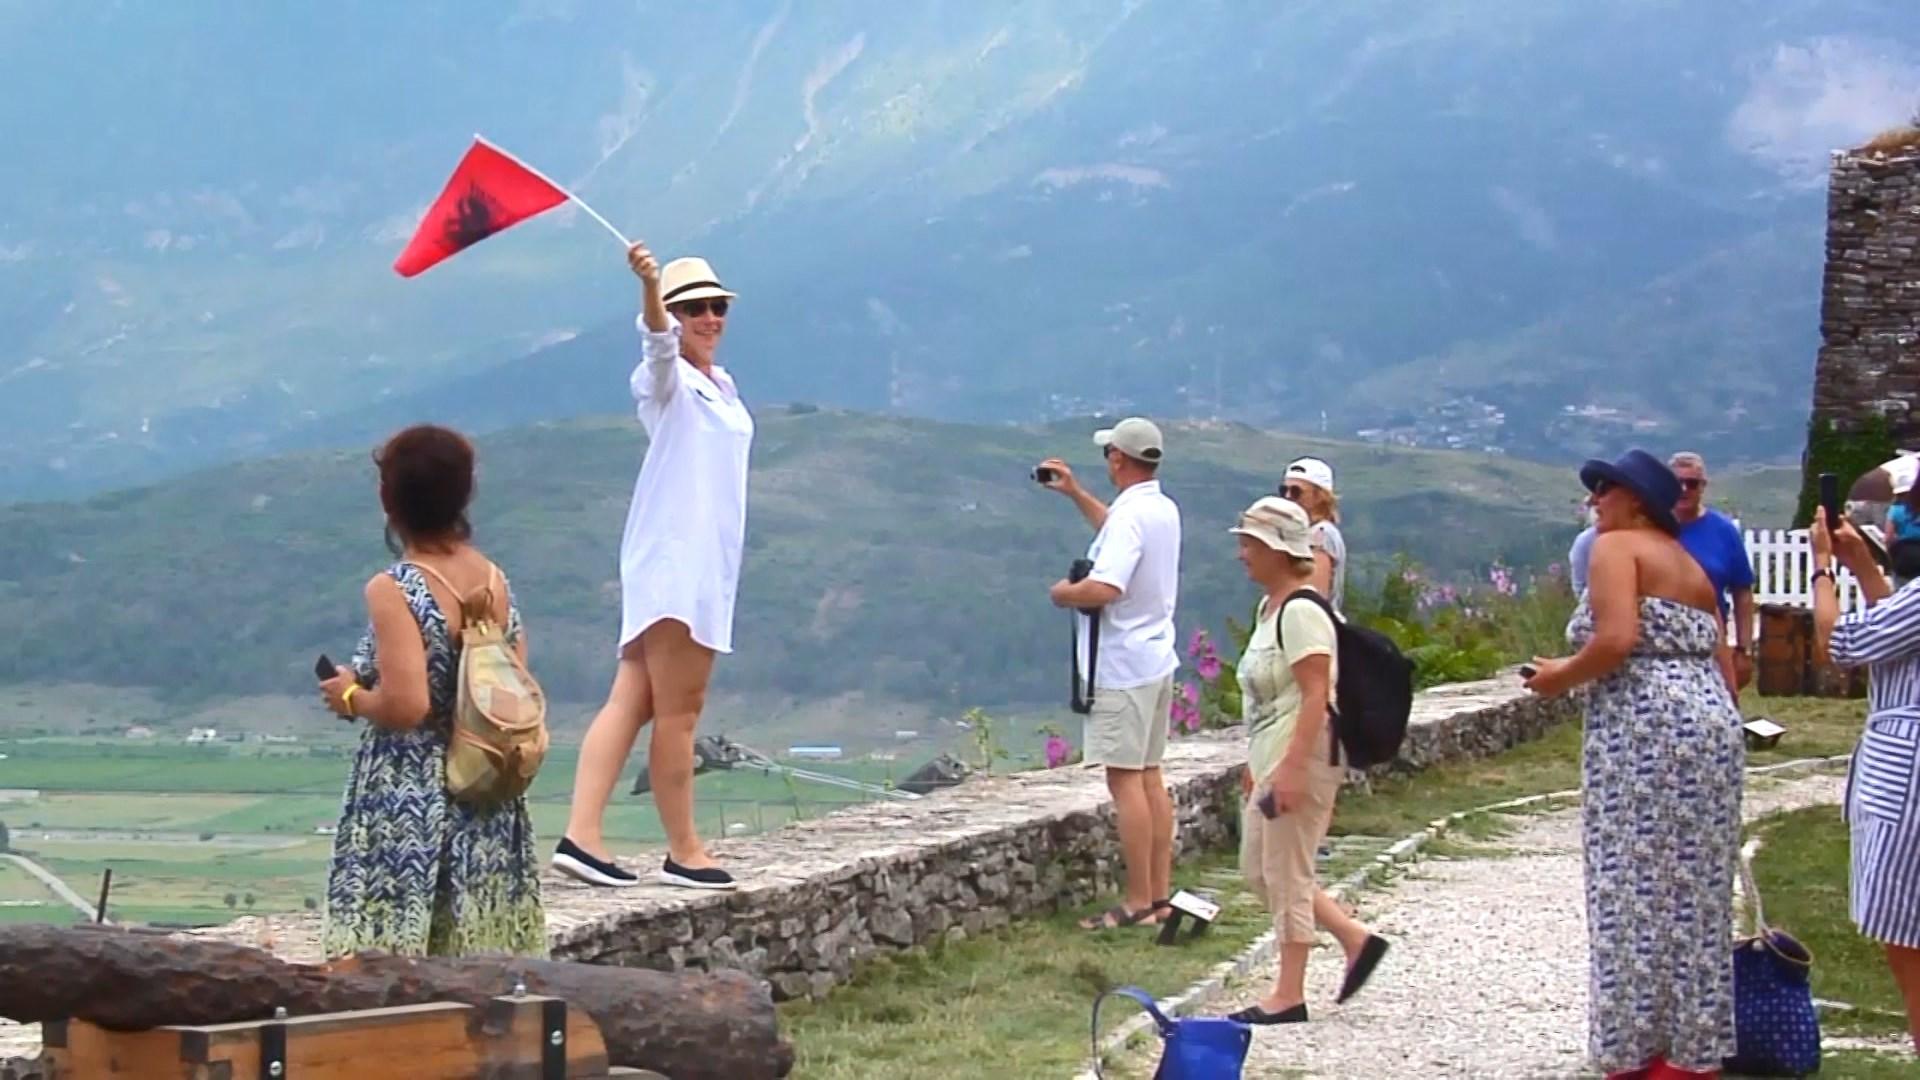 FT: Shqipëria po përjeton një nga sezonet më të mira turistike